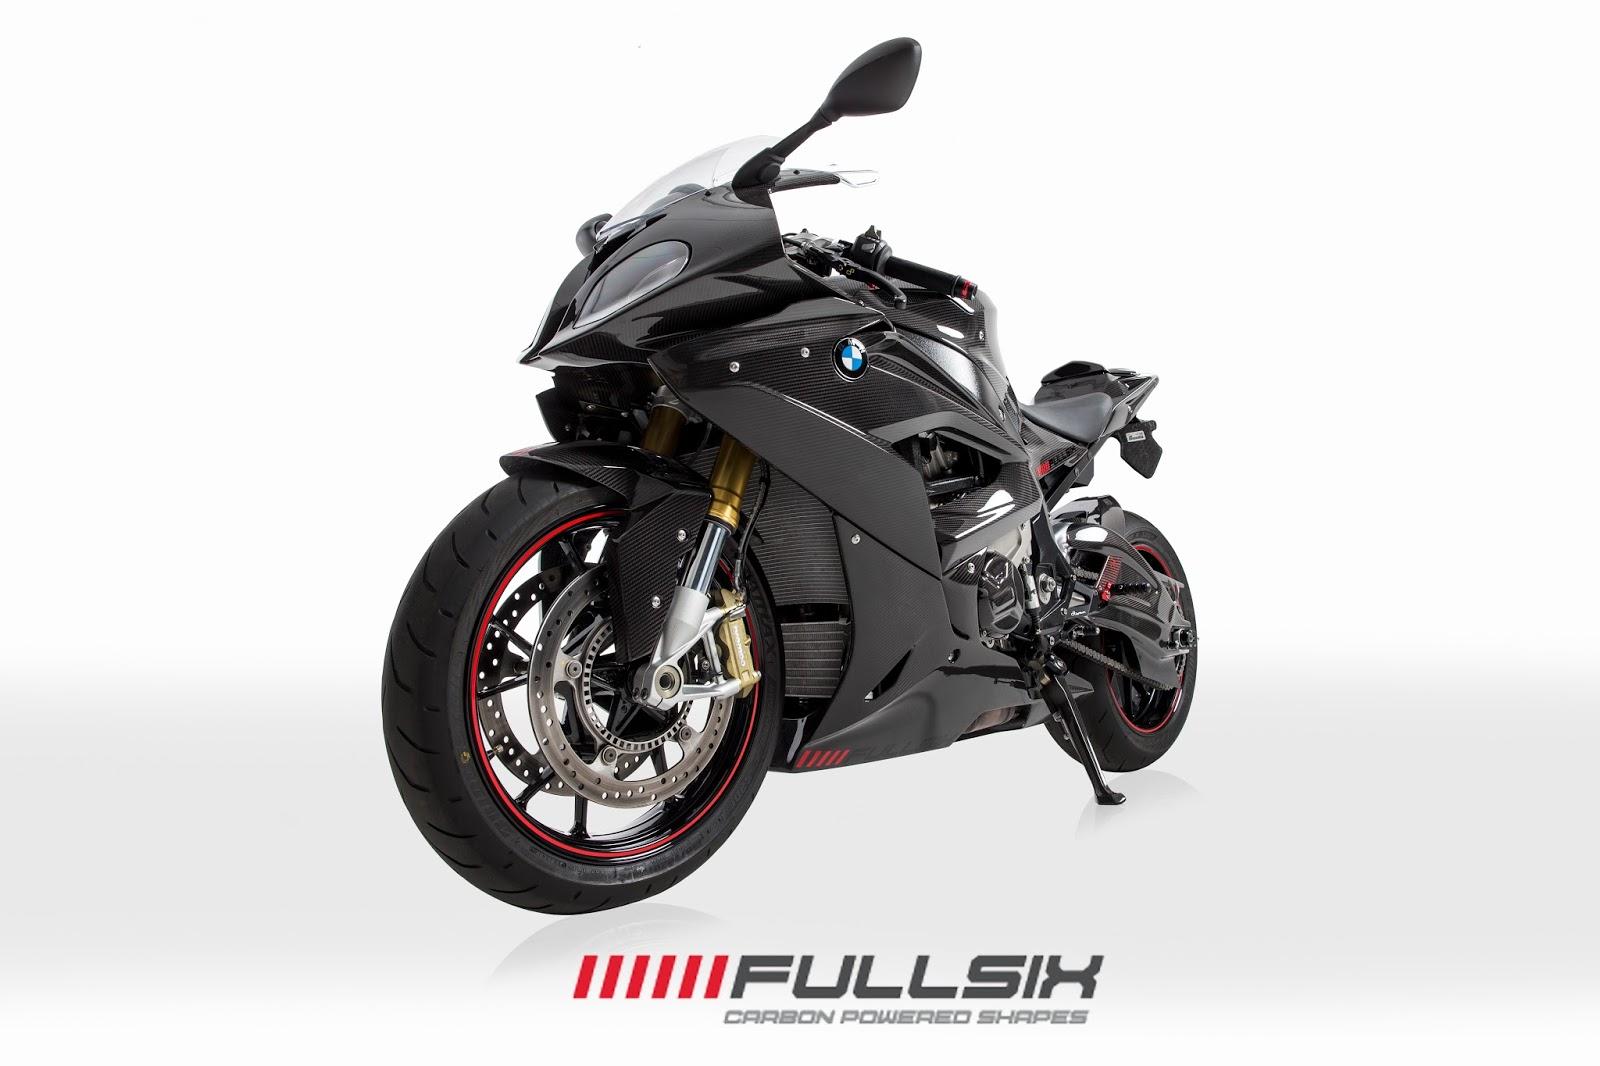 sbk motoworks fullsix carbon parts for bmw s1000rr 2015. Black Bedroom Furniture Sets. Home Design Ideas